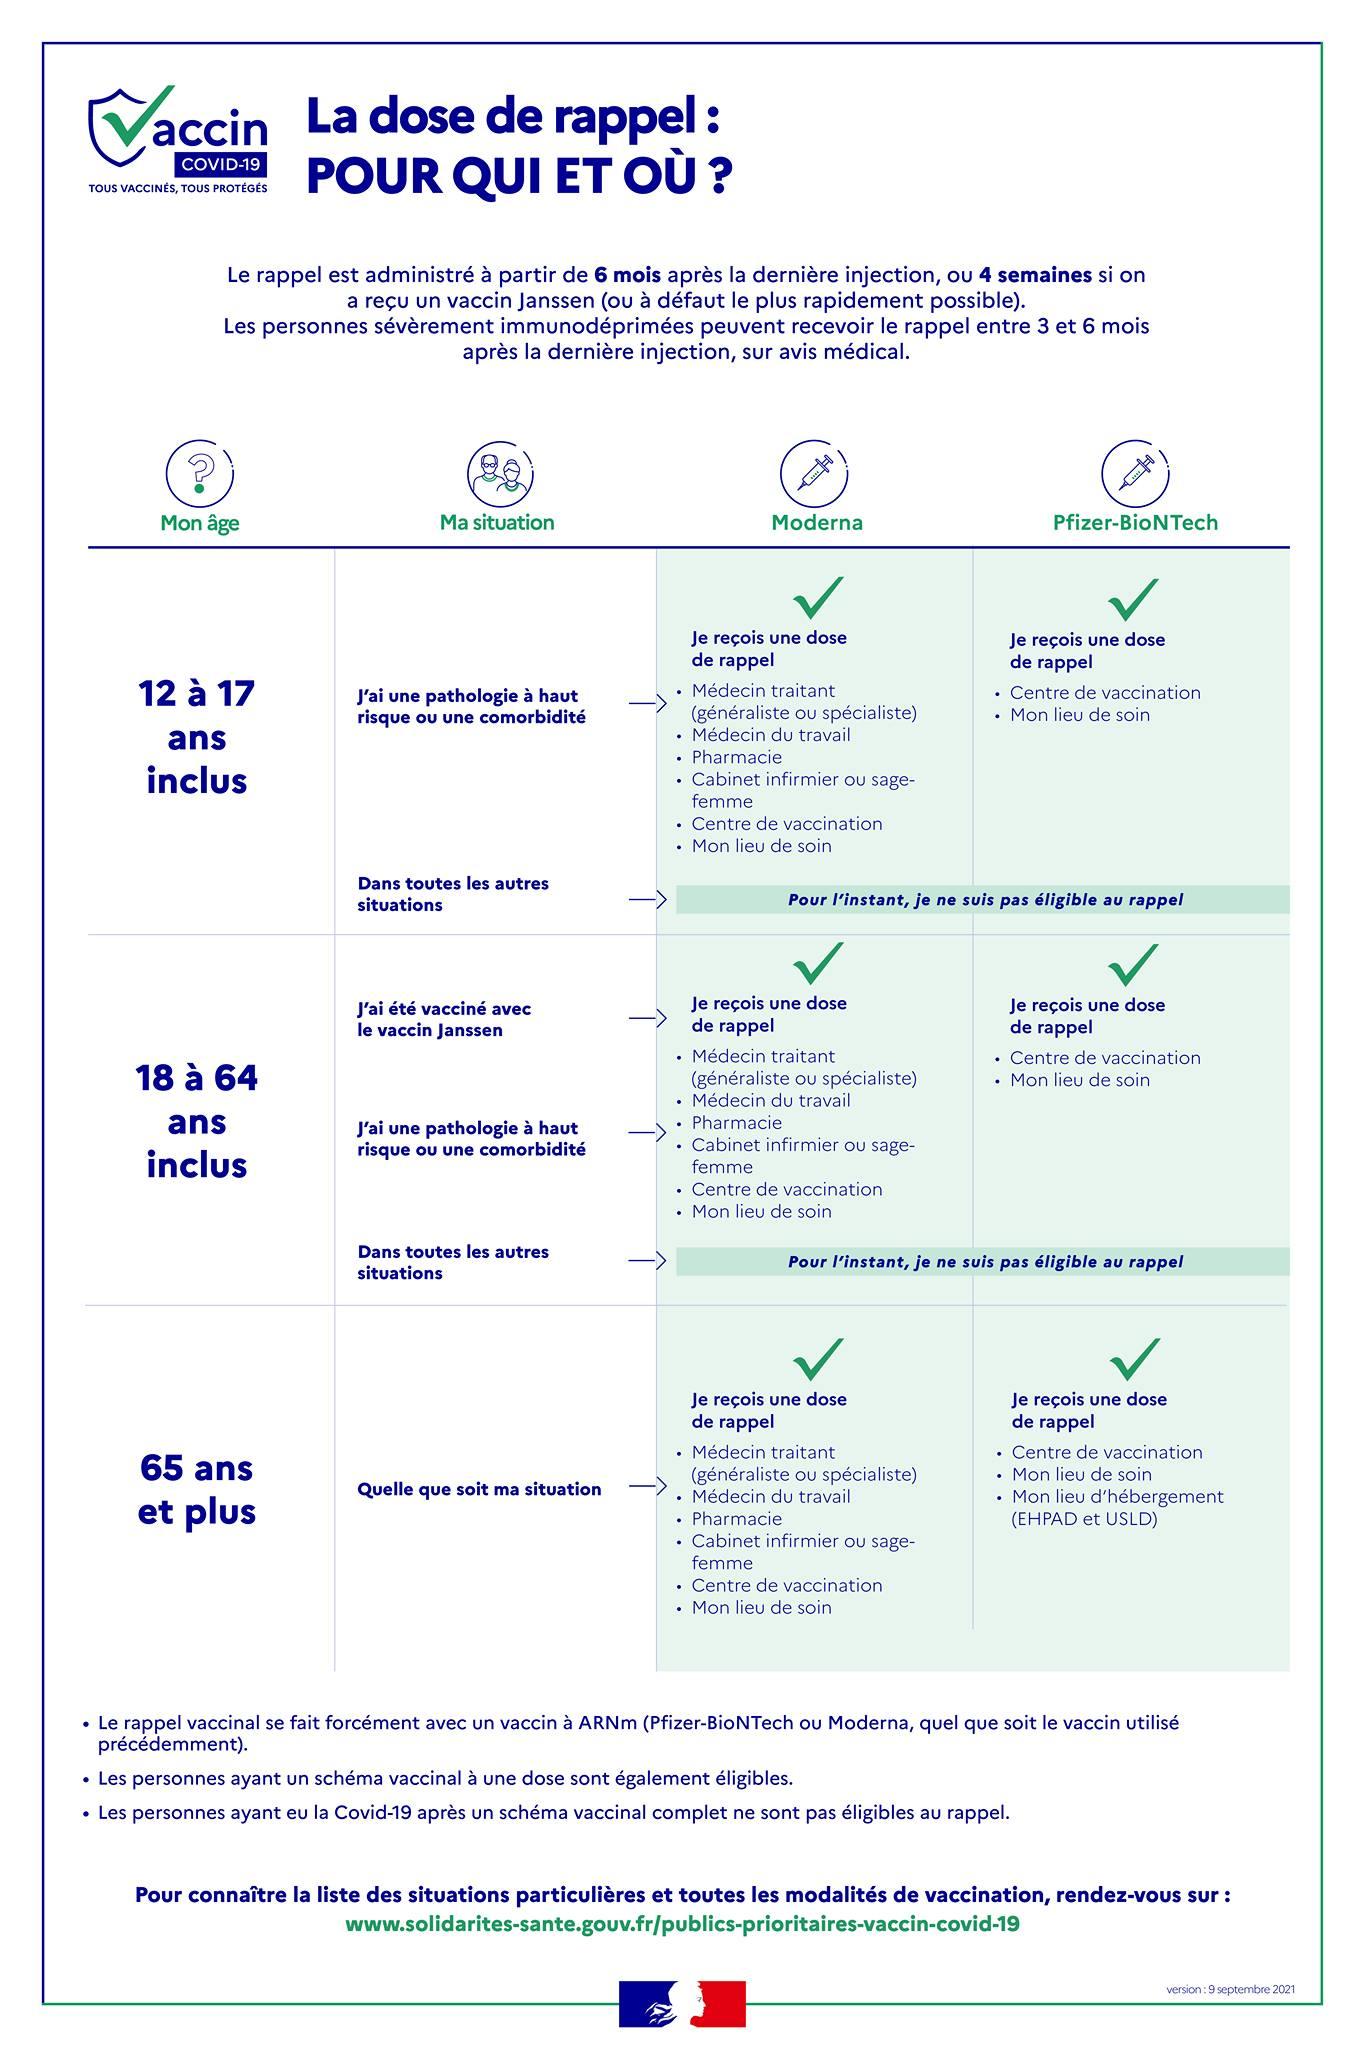 tableau explicatif bénéficiaires 3e dose vaccin COVID